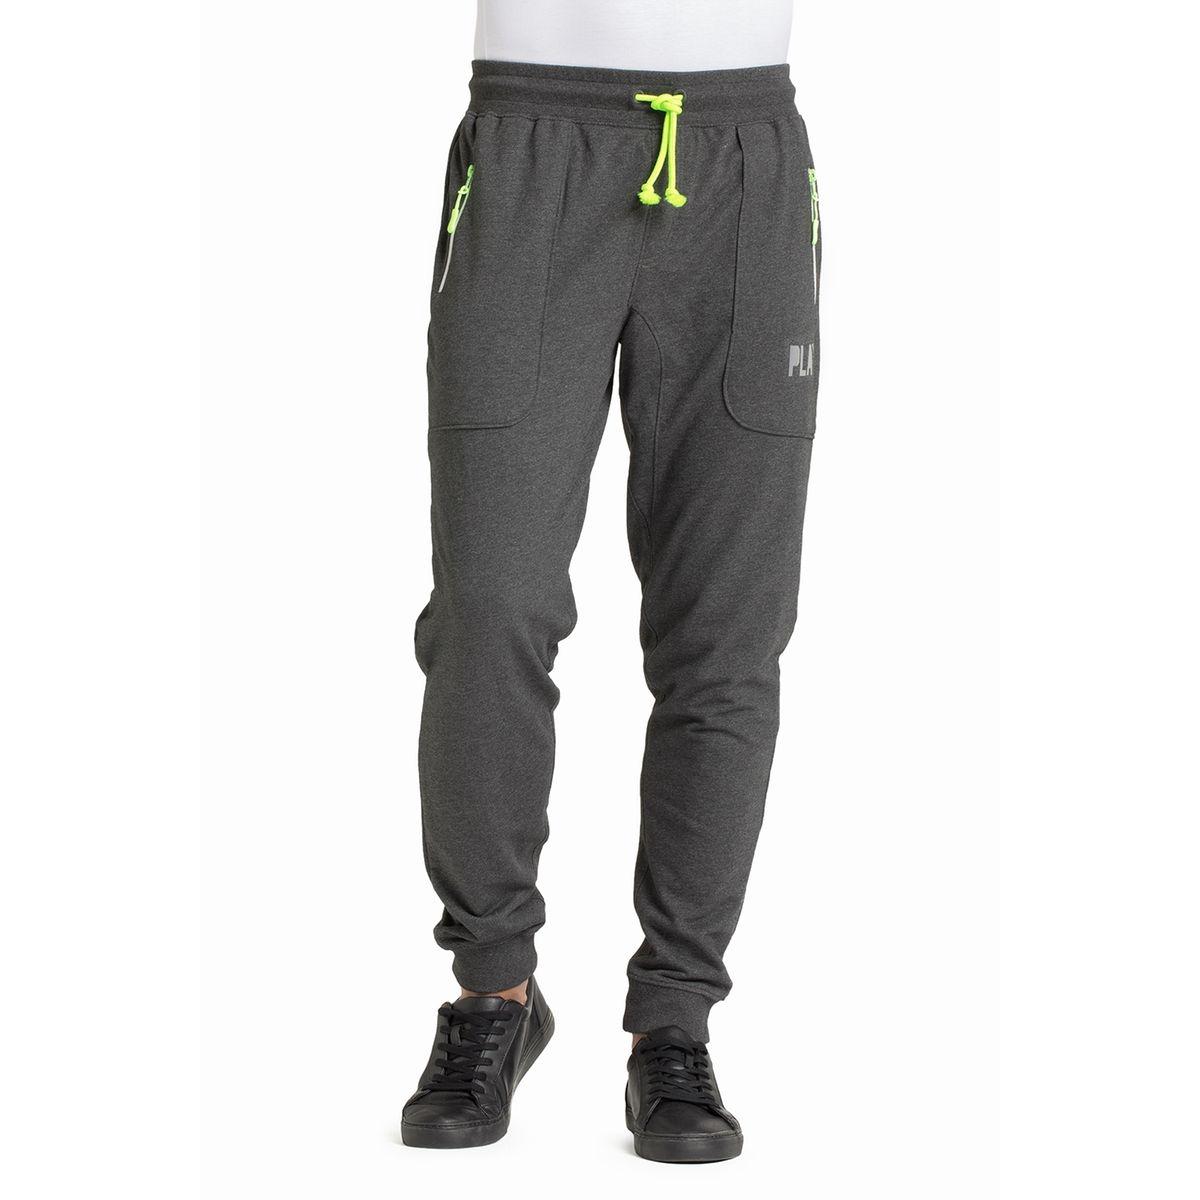 Pantalon de Survêtement avec élastique à la taille